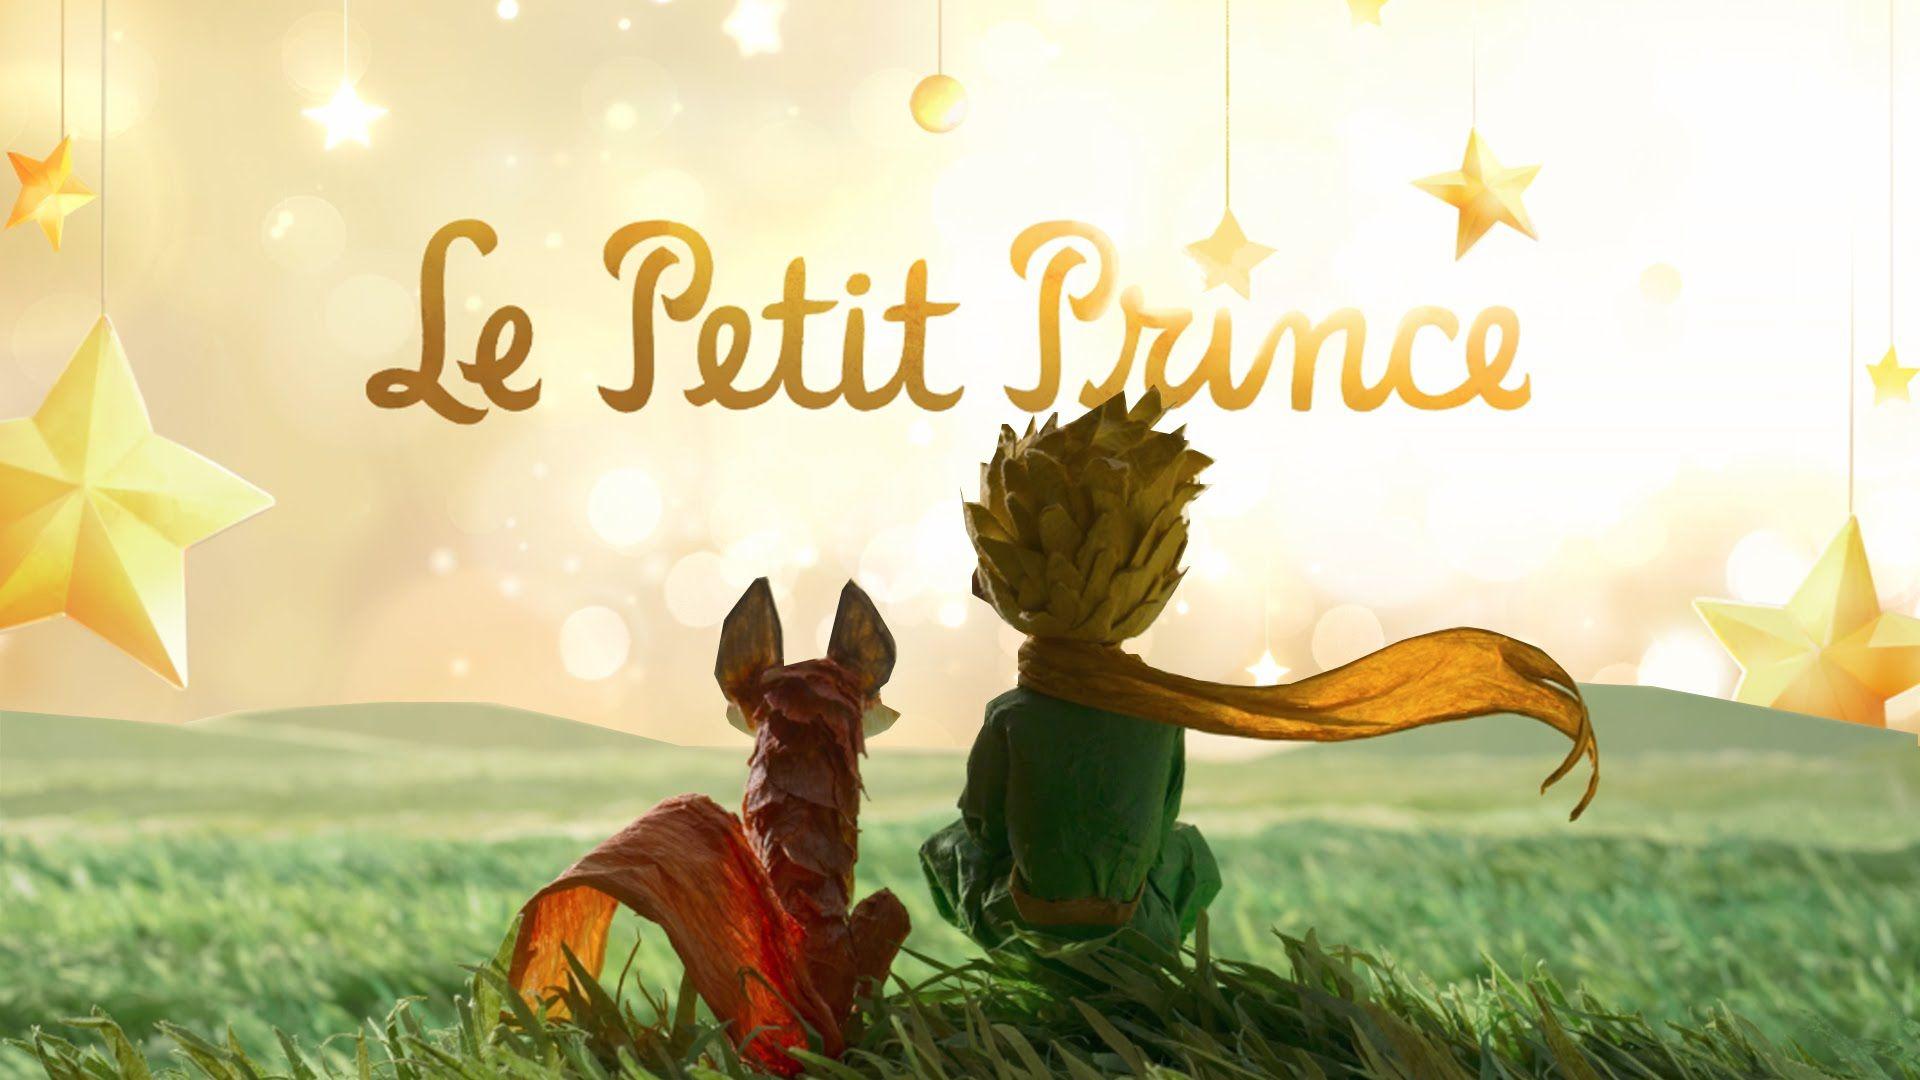 دیالوگ های ماندگار و متن هایی از کتاب شازده کوچولو : the little prince